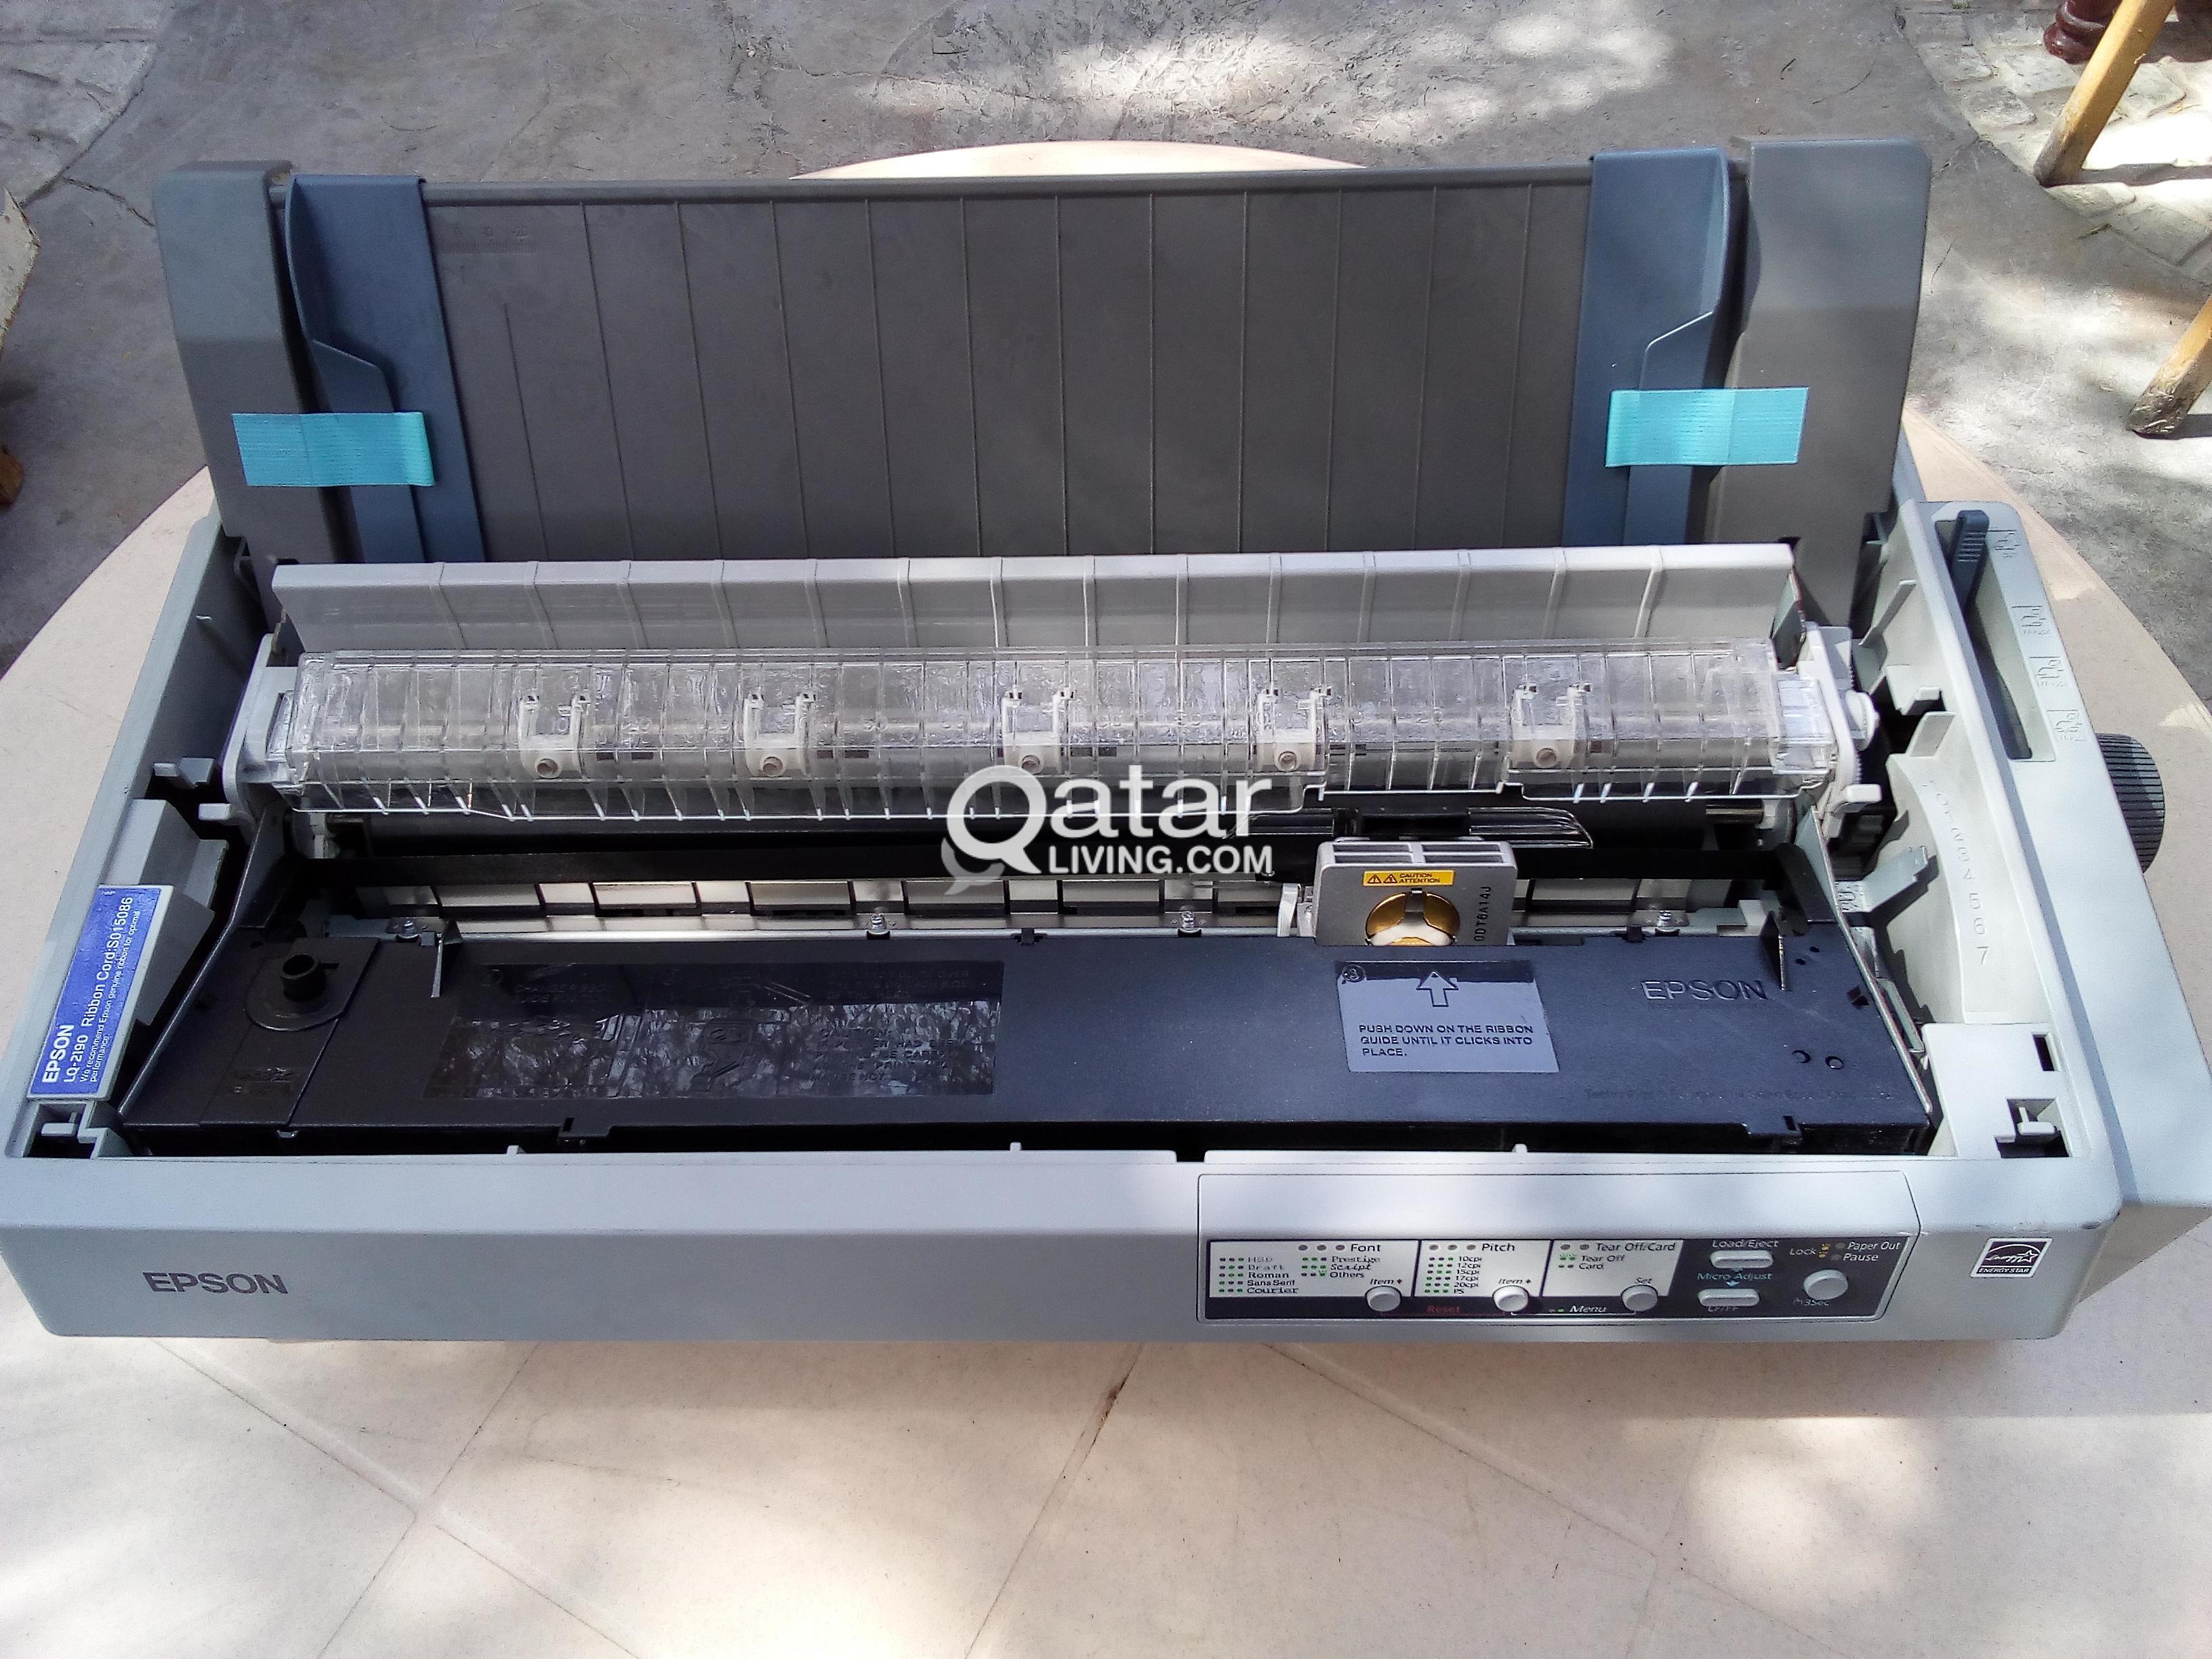 Epson LQ Invoice Printer Qatar Living - Invoice printer